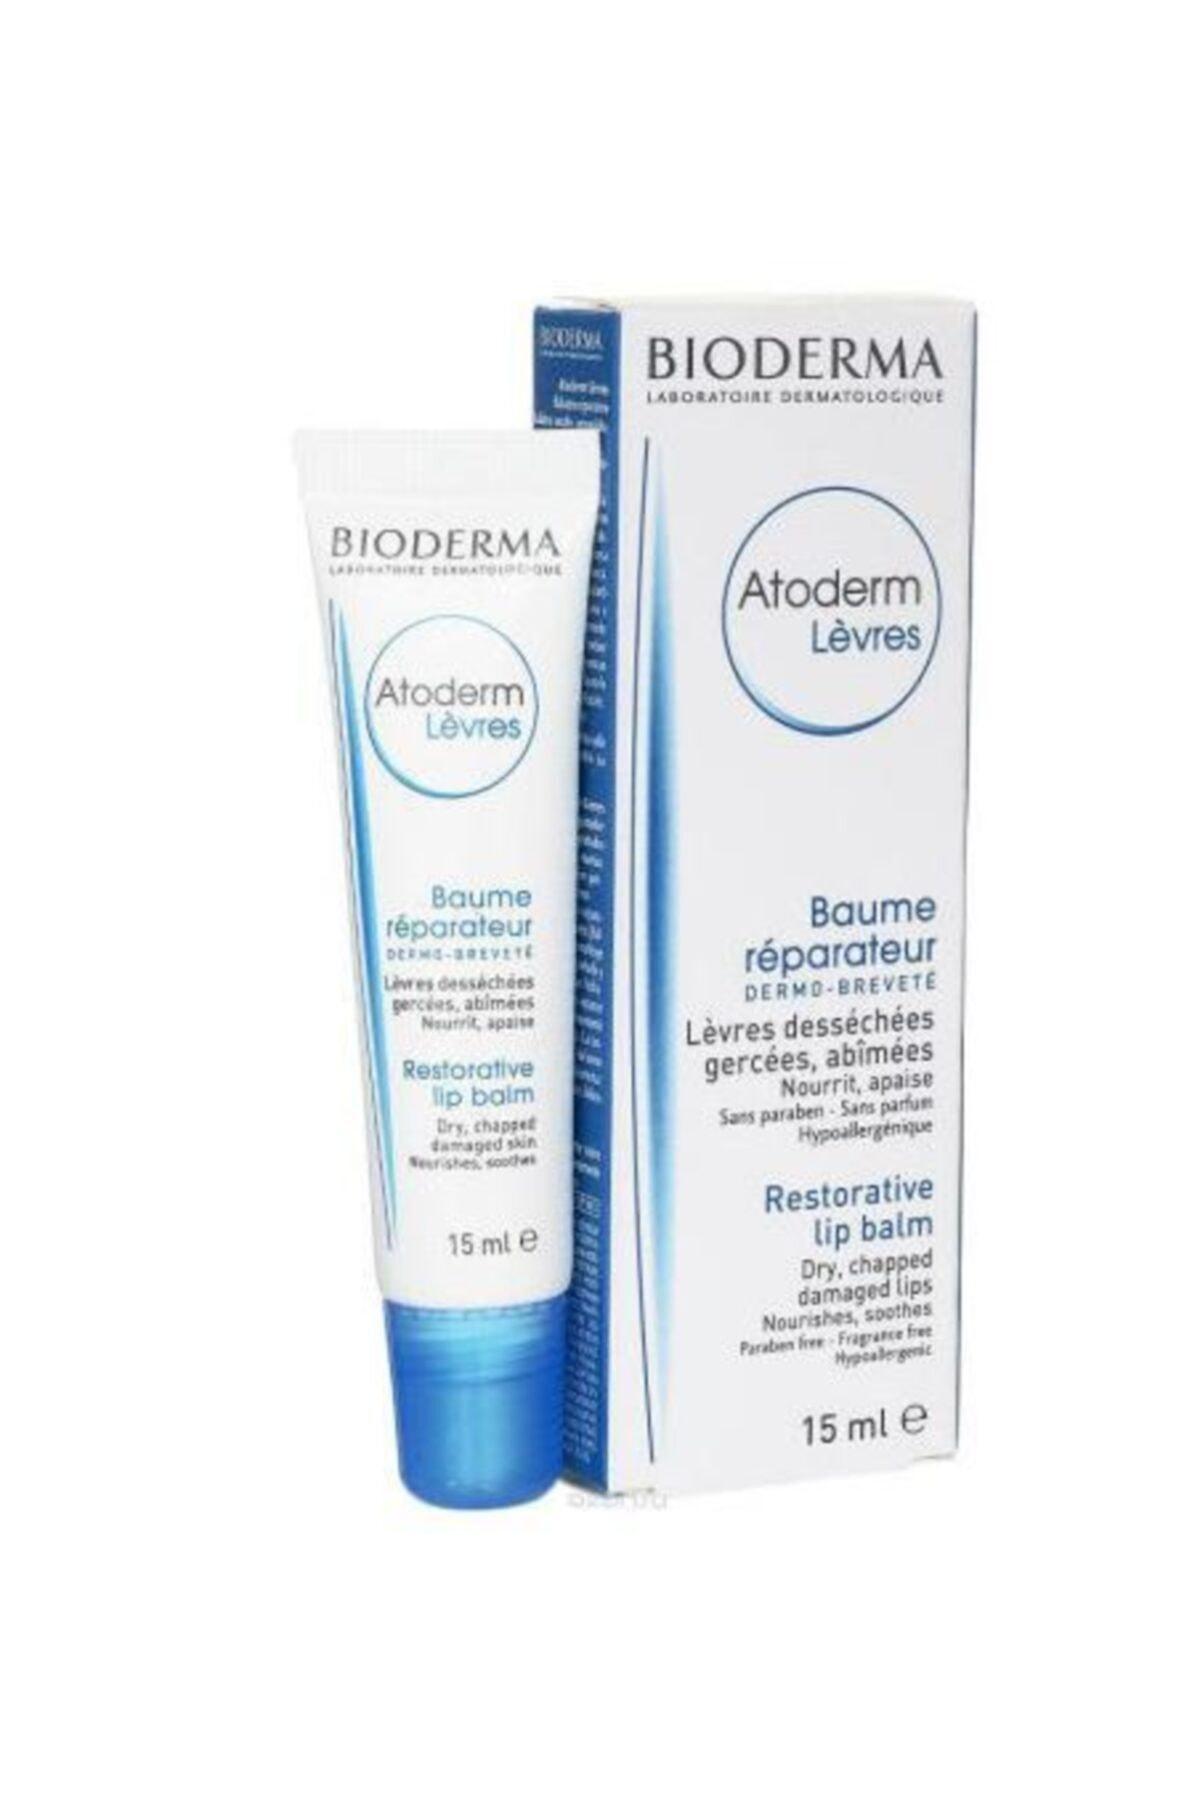 Bioderma Atoderm Levres Lip Balm 15ml | Dudak Bakımı 1